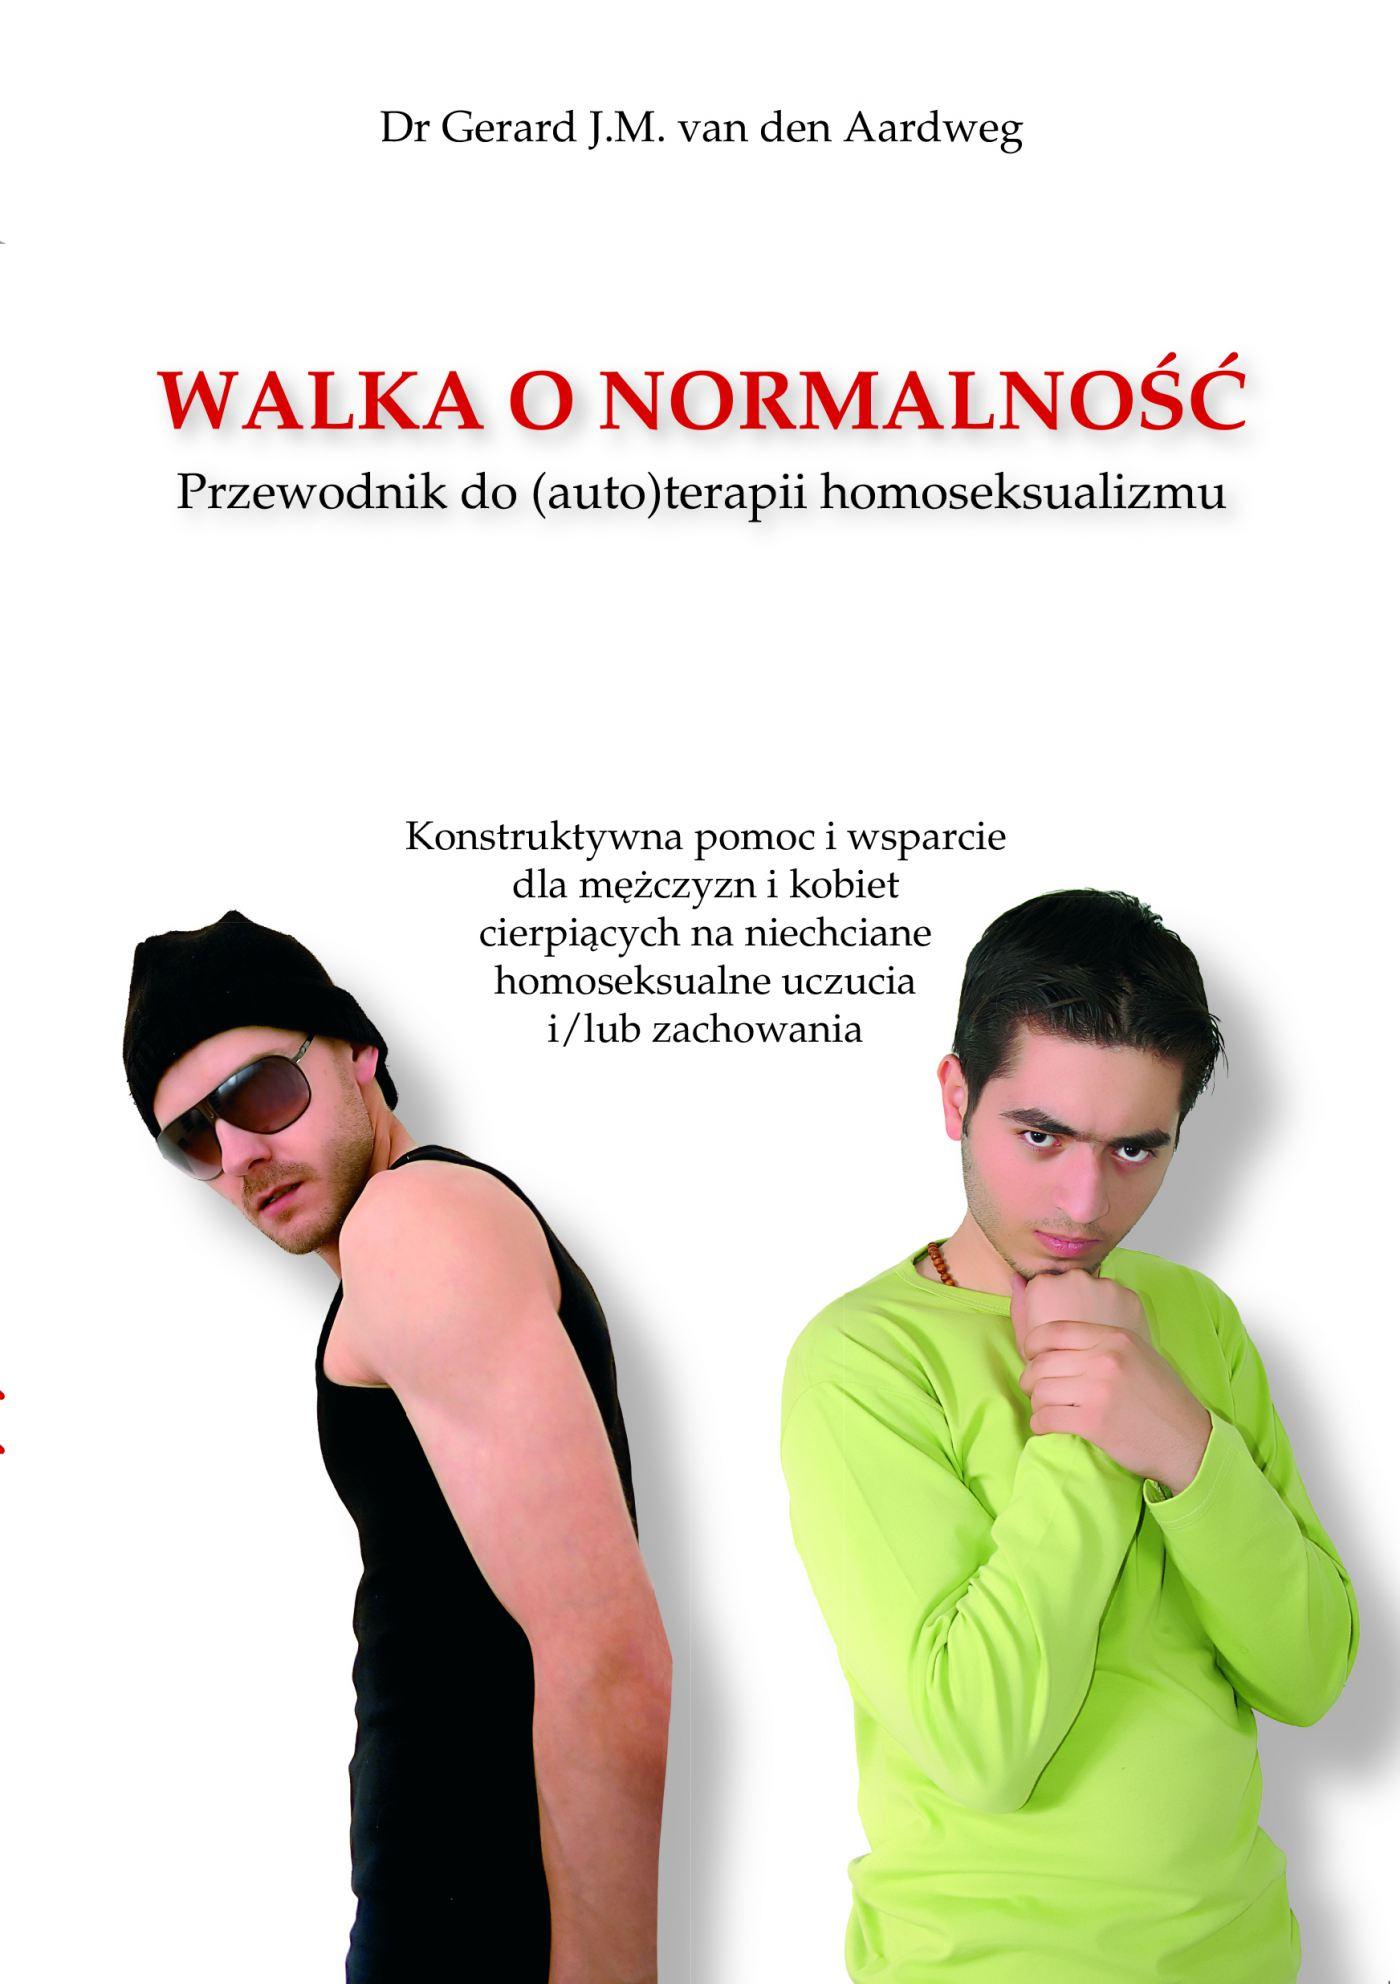 Walka o normalność Przewodnik do autoterapii homoseksualizmu - Ebook (Książka PDF) do pobrania w formacie PDF